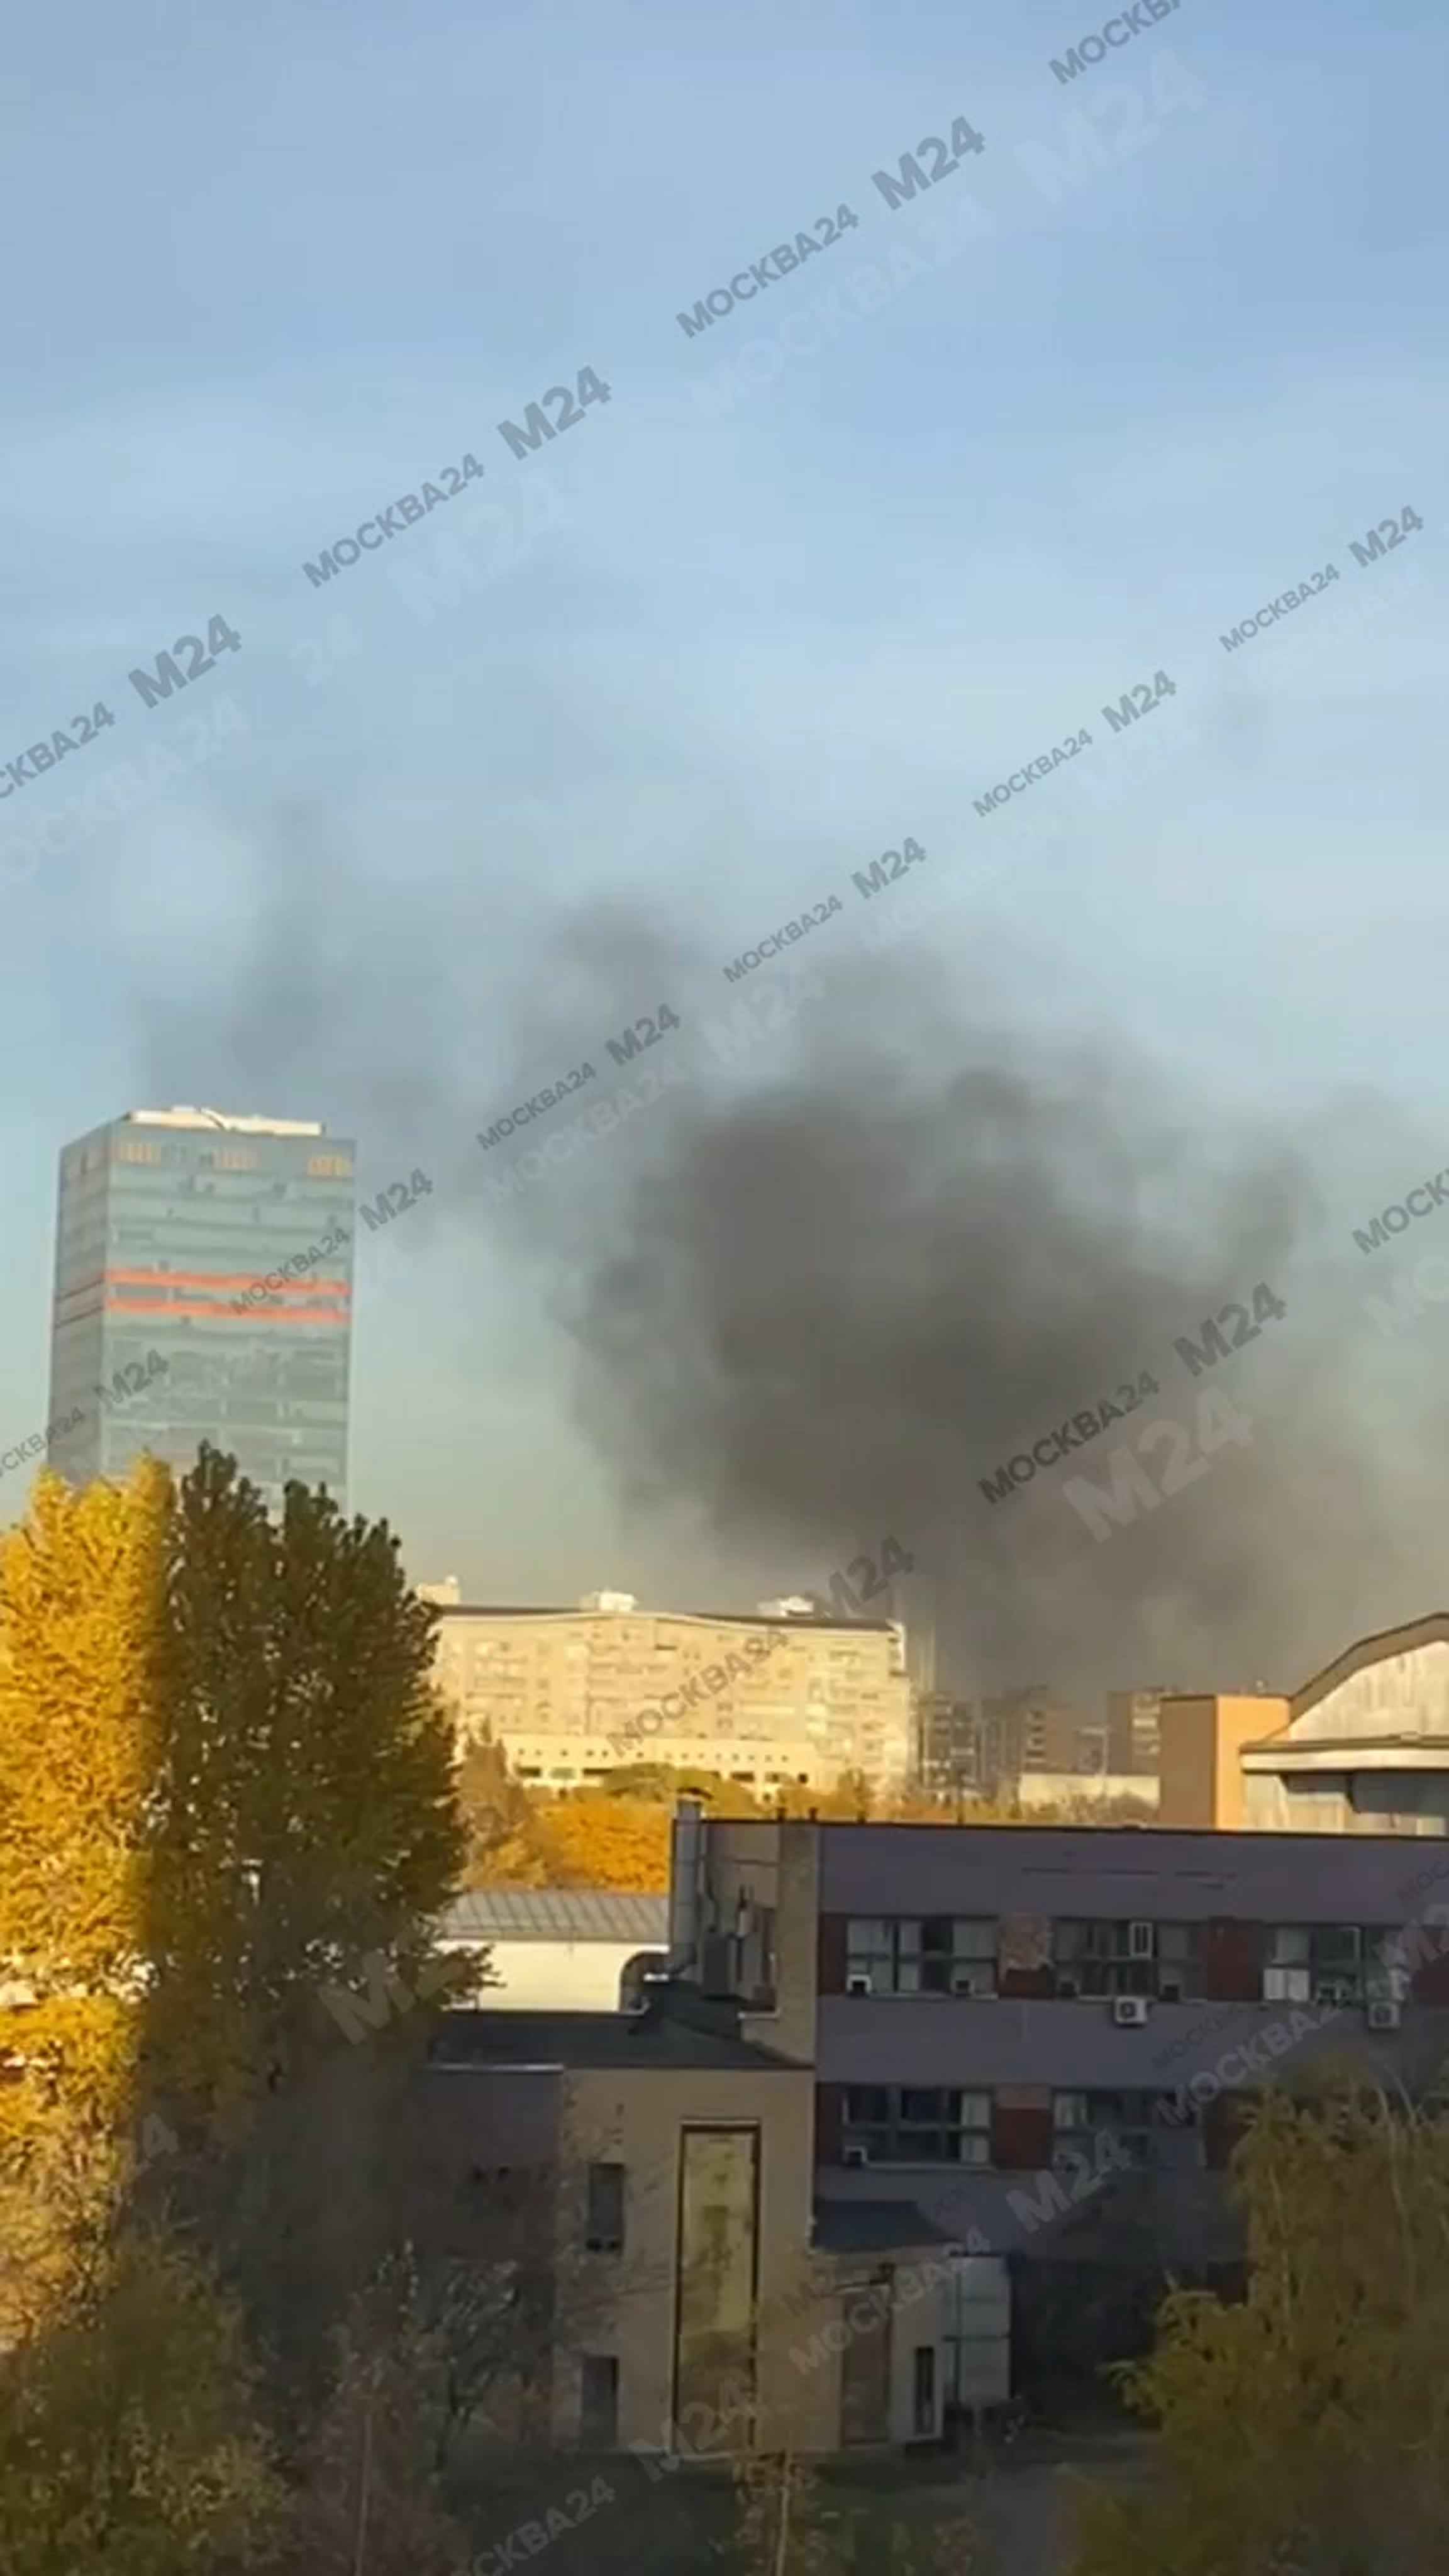 Пожар произошел на кровле спорткомплекса ЦСКА в Москве.